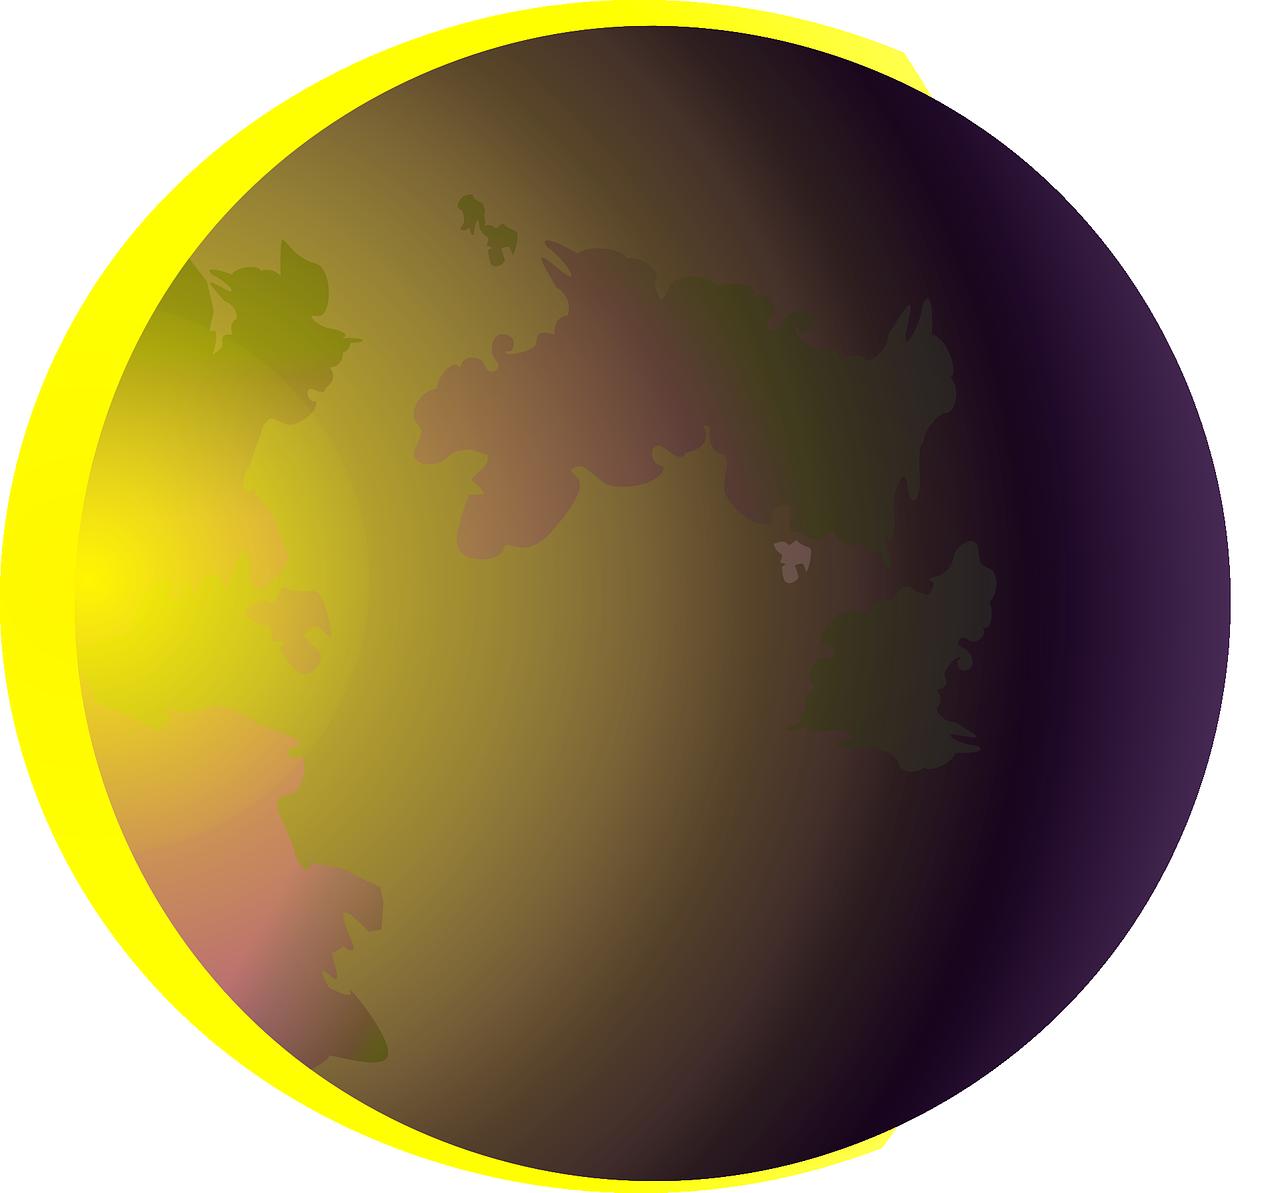 eclipse-23542_1280